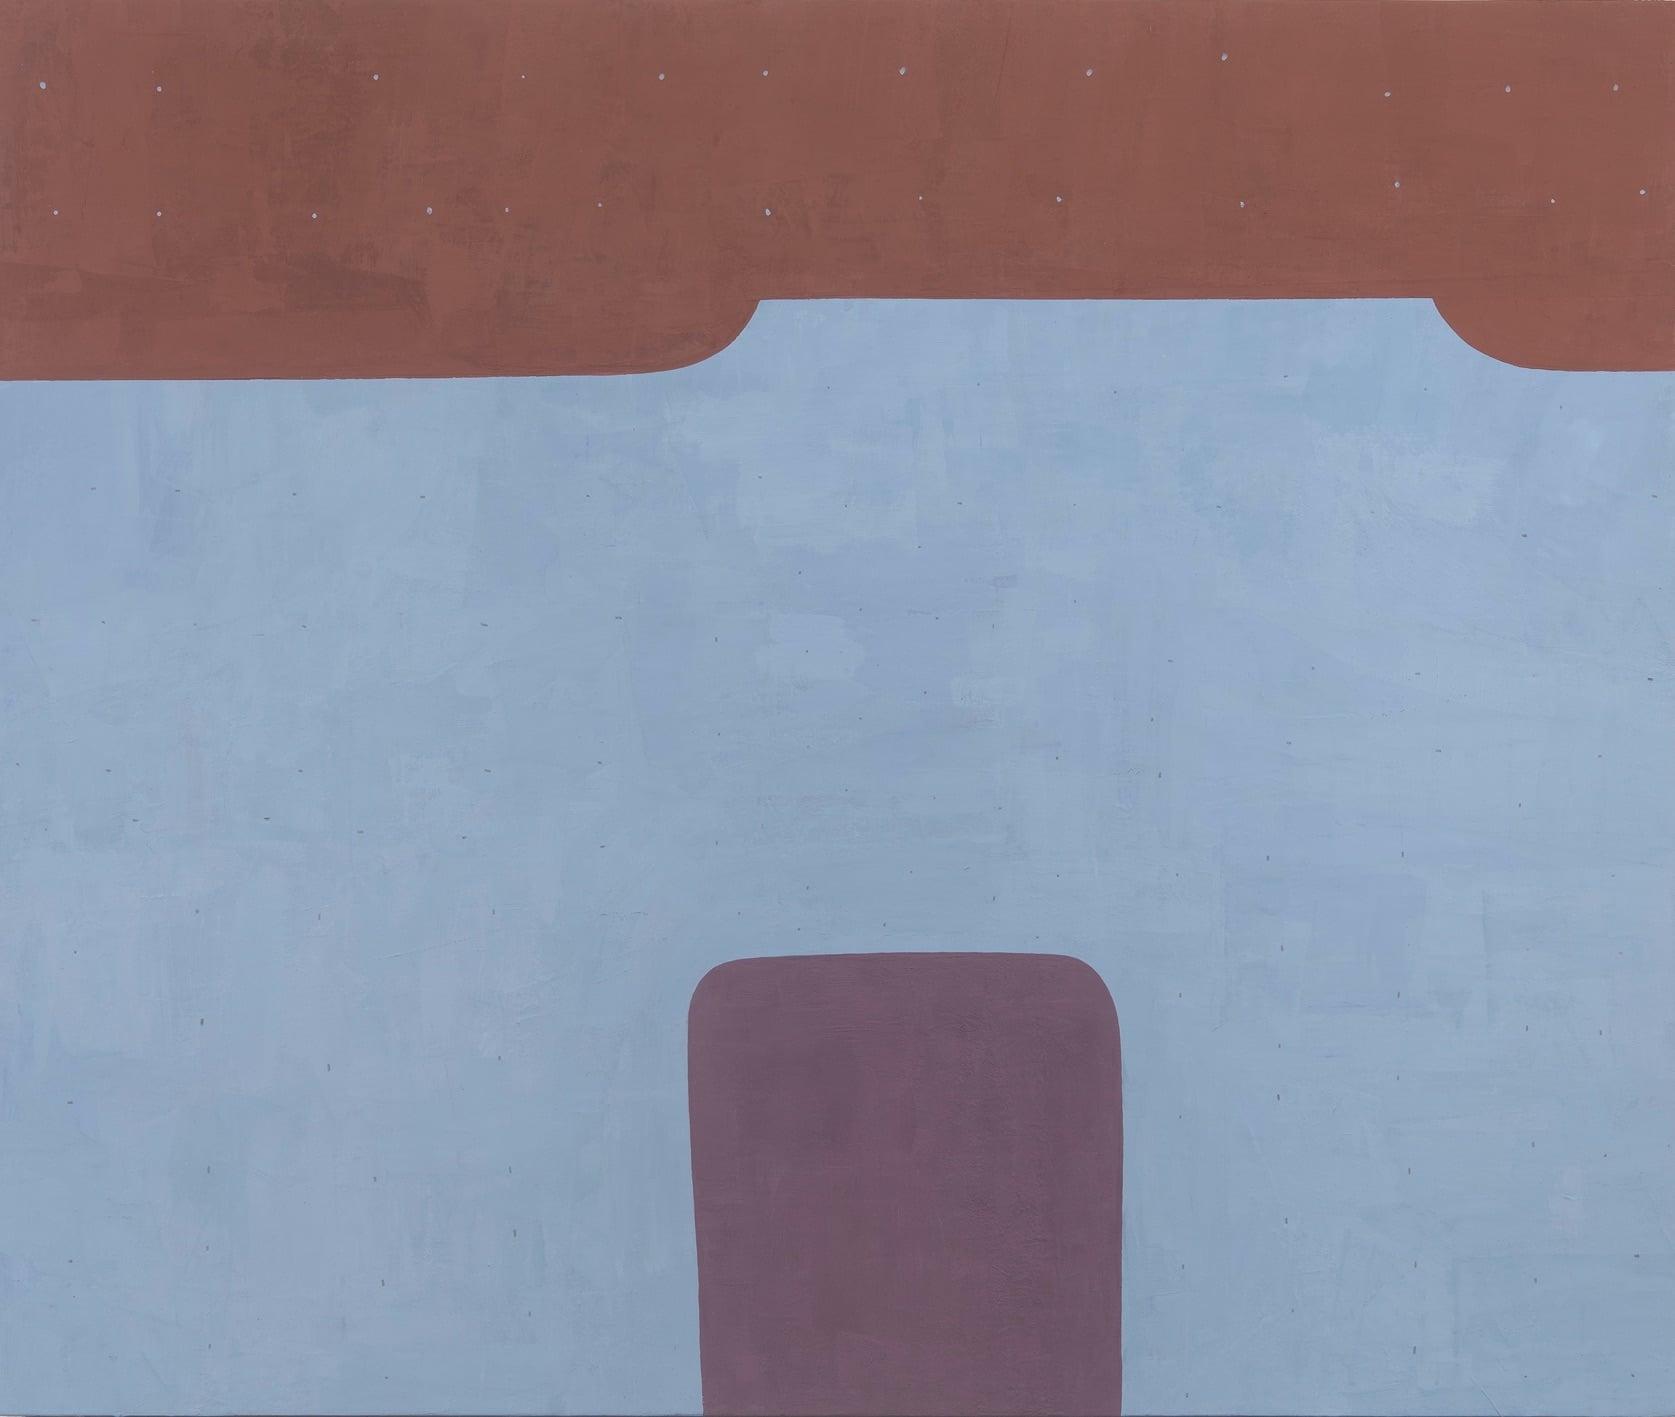 Brown an Blue art piece